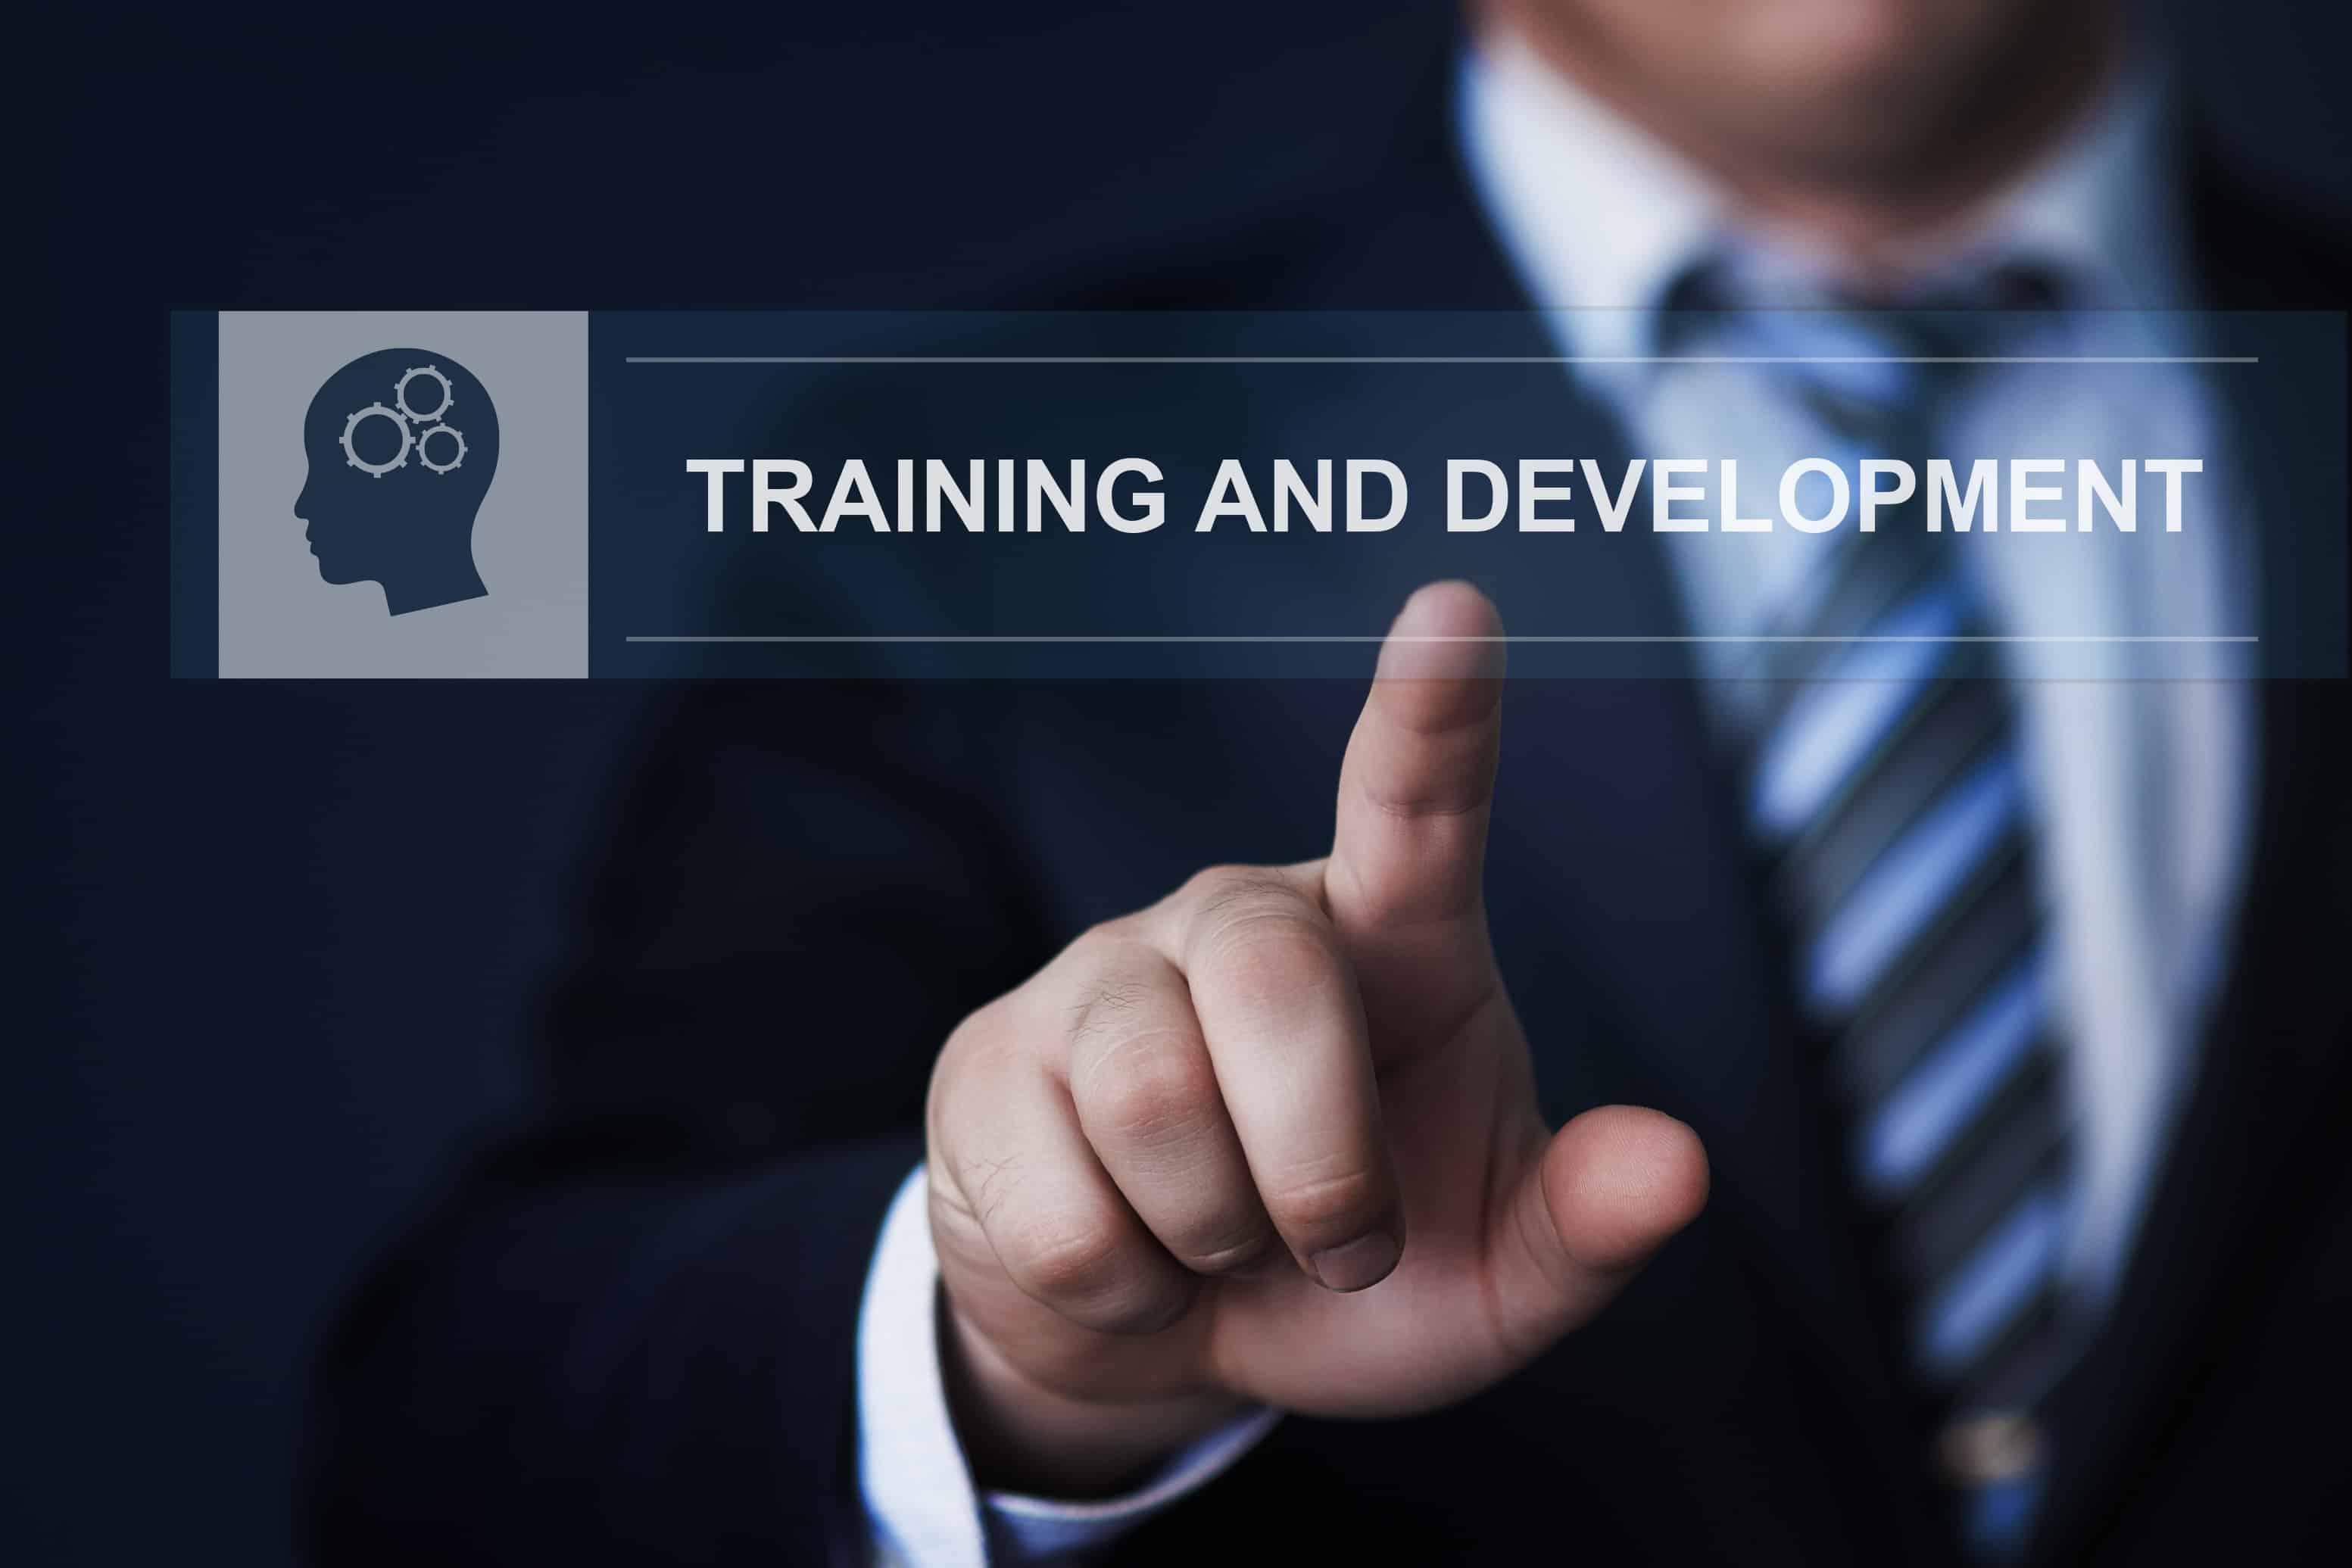 konferencje i szkolenia styczeń 2019